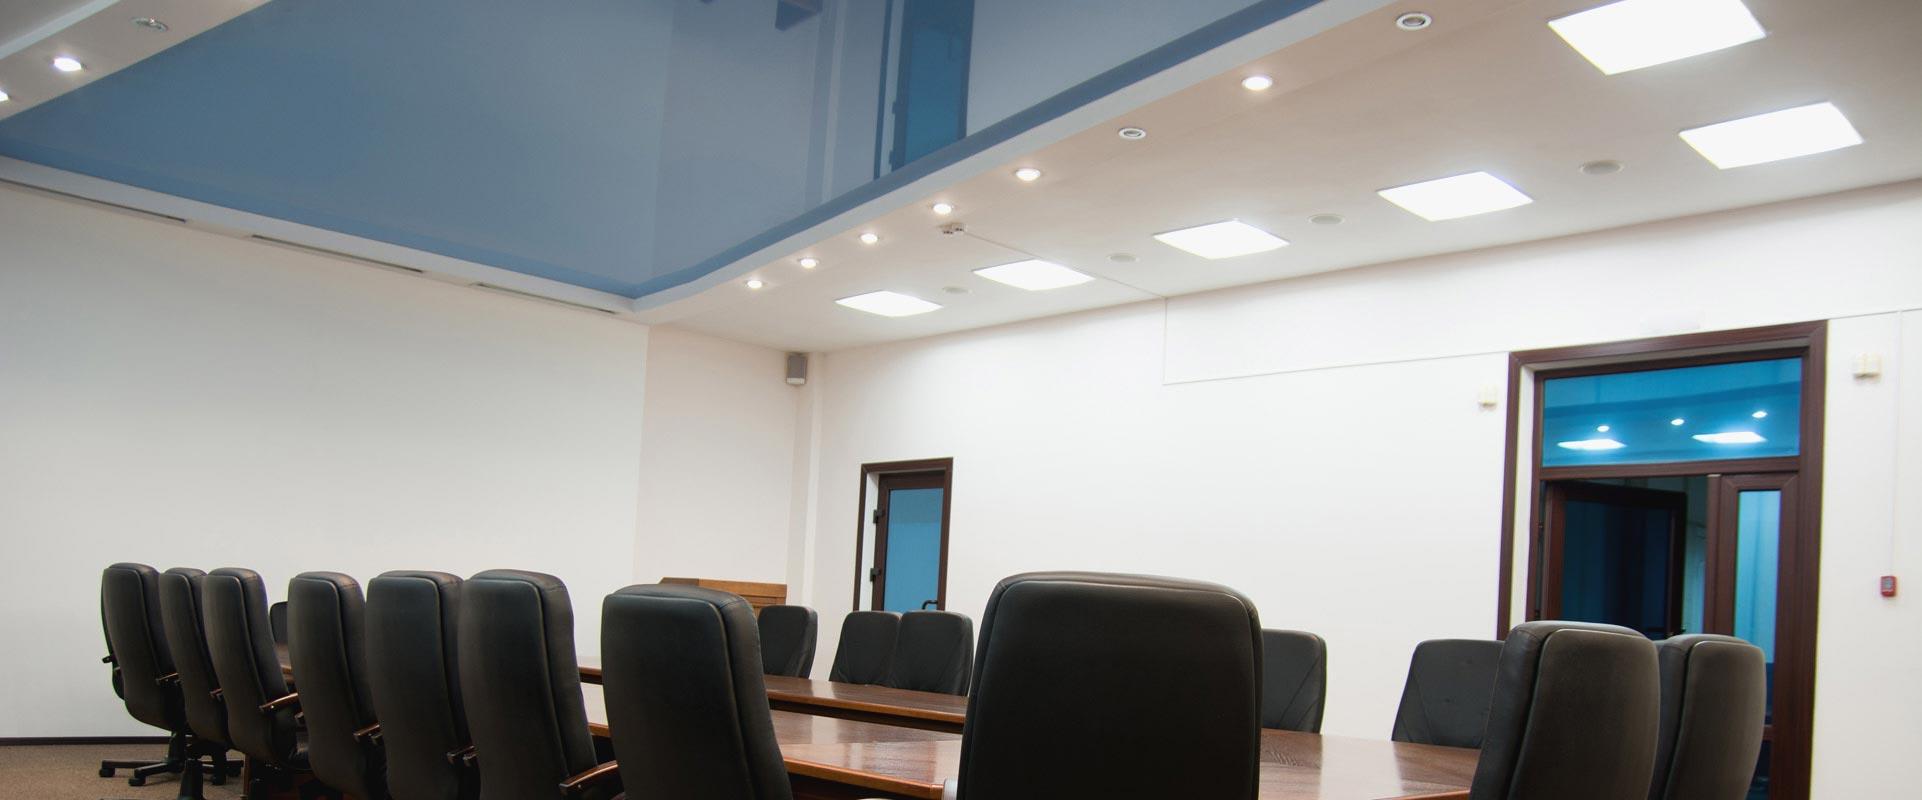 Le plafond isolant phonique ou plafond acoustique